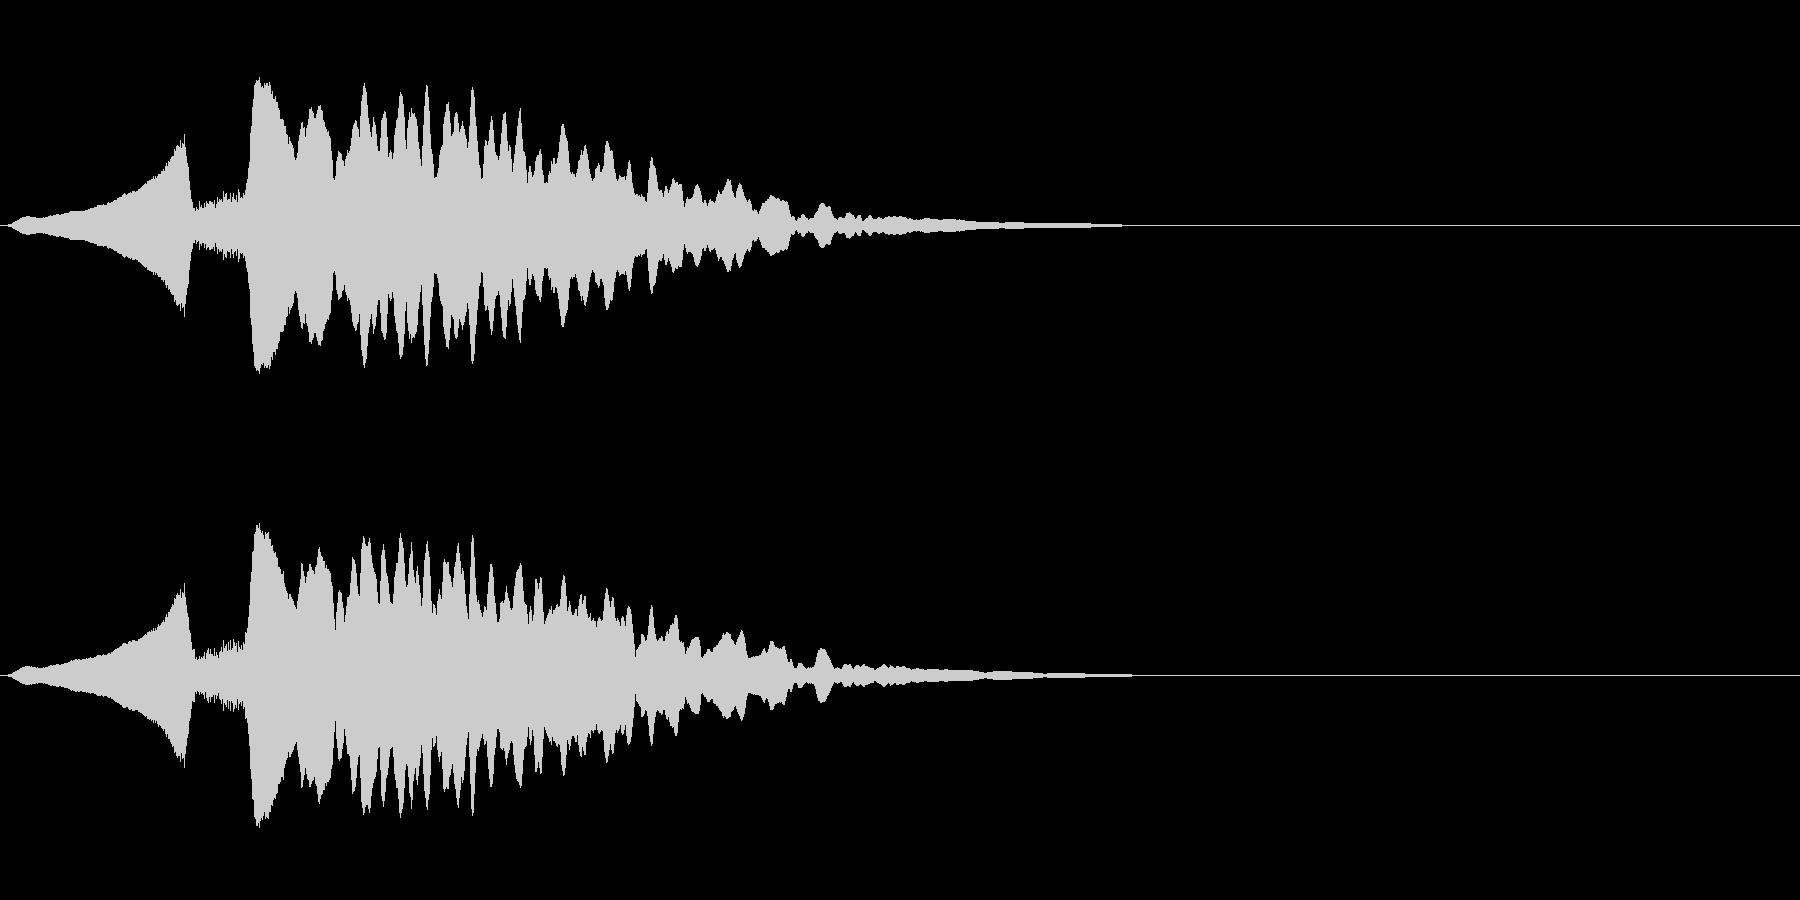 尺八 生演奏 古典風 残響音有 #8の未再生の波形